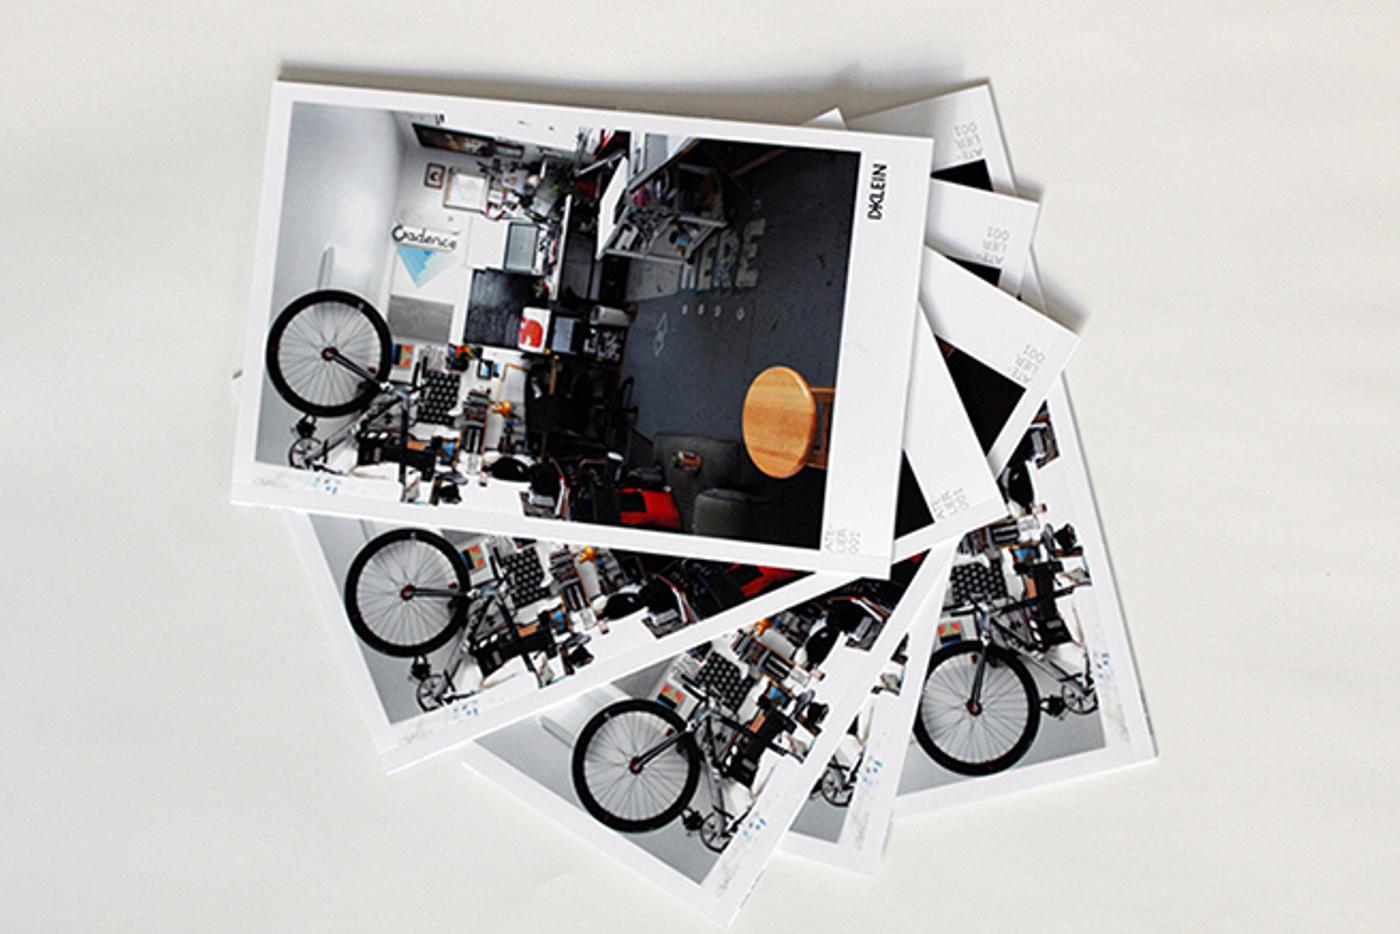 Dustin Klein's Atelier 001 Zine